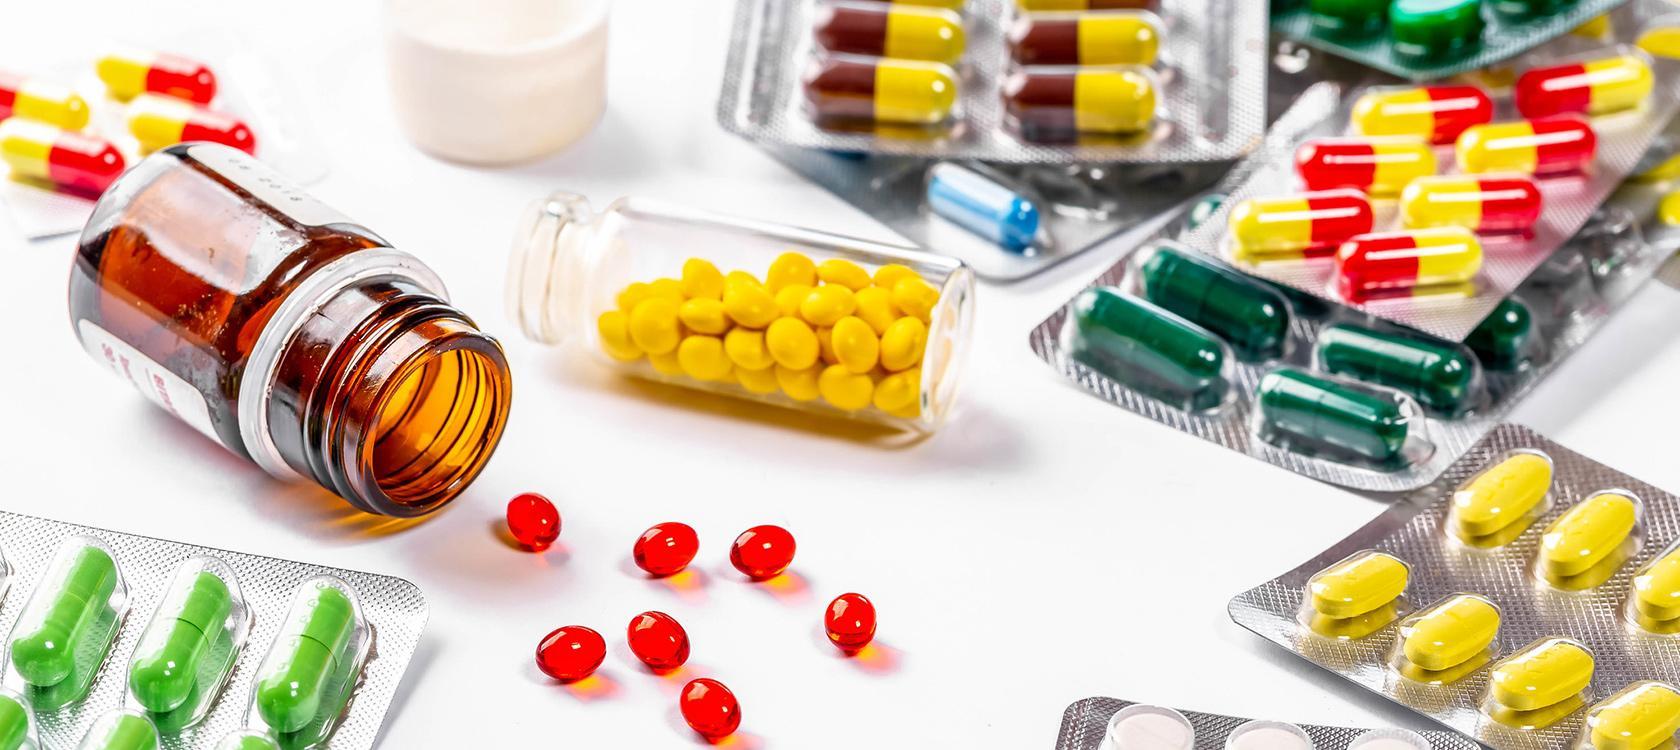 فروش اینترنتی دارو و مکملها ممنوع